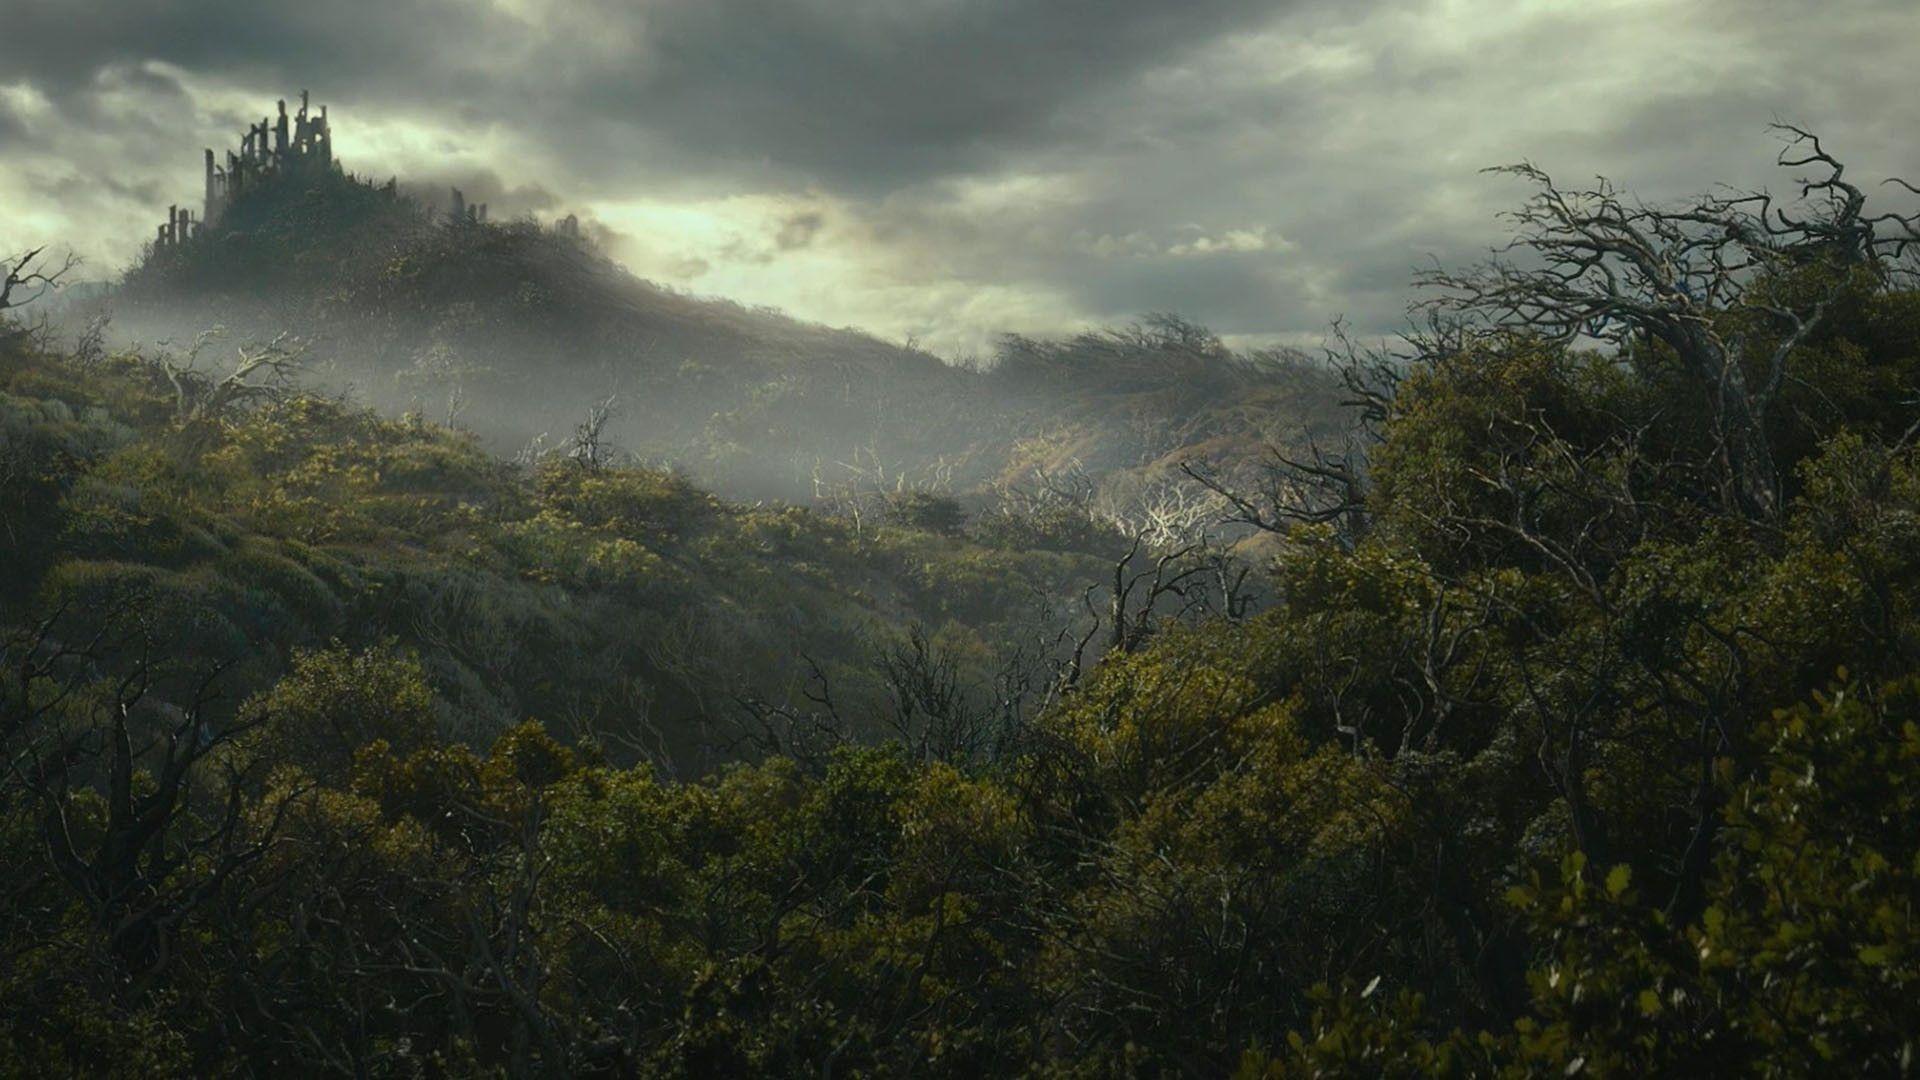 Hobbit Forest Zoom Background